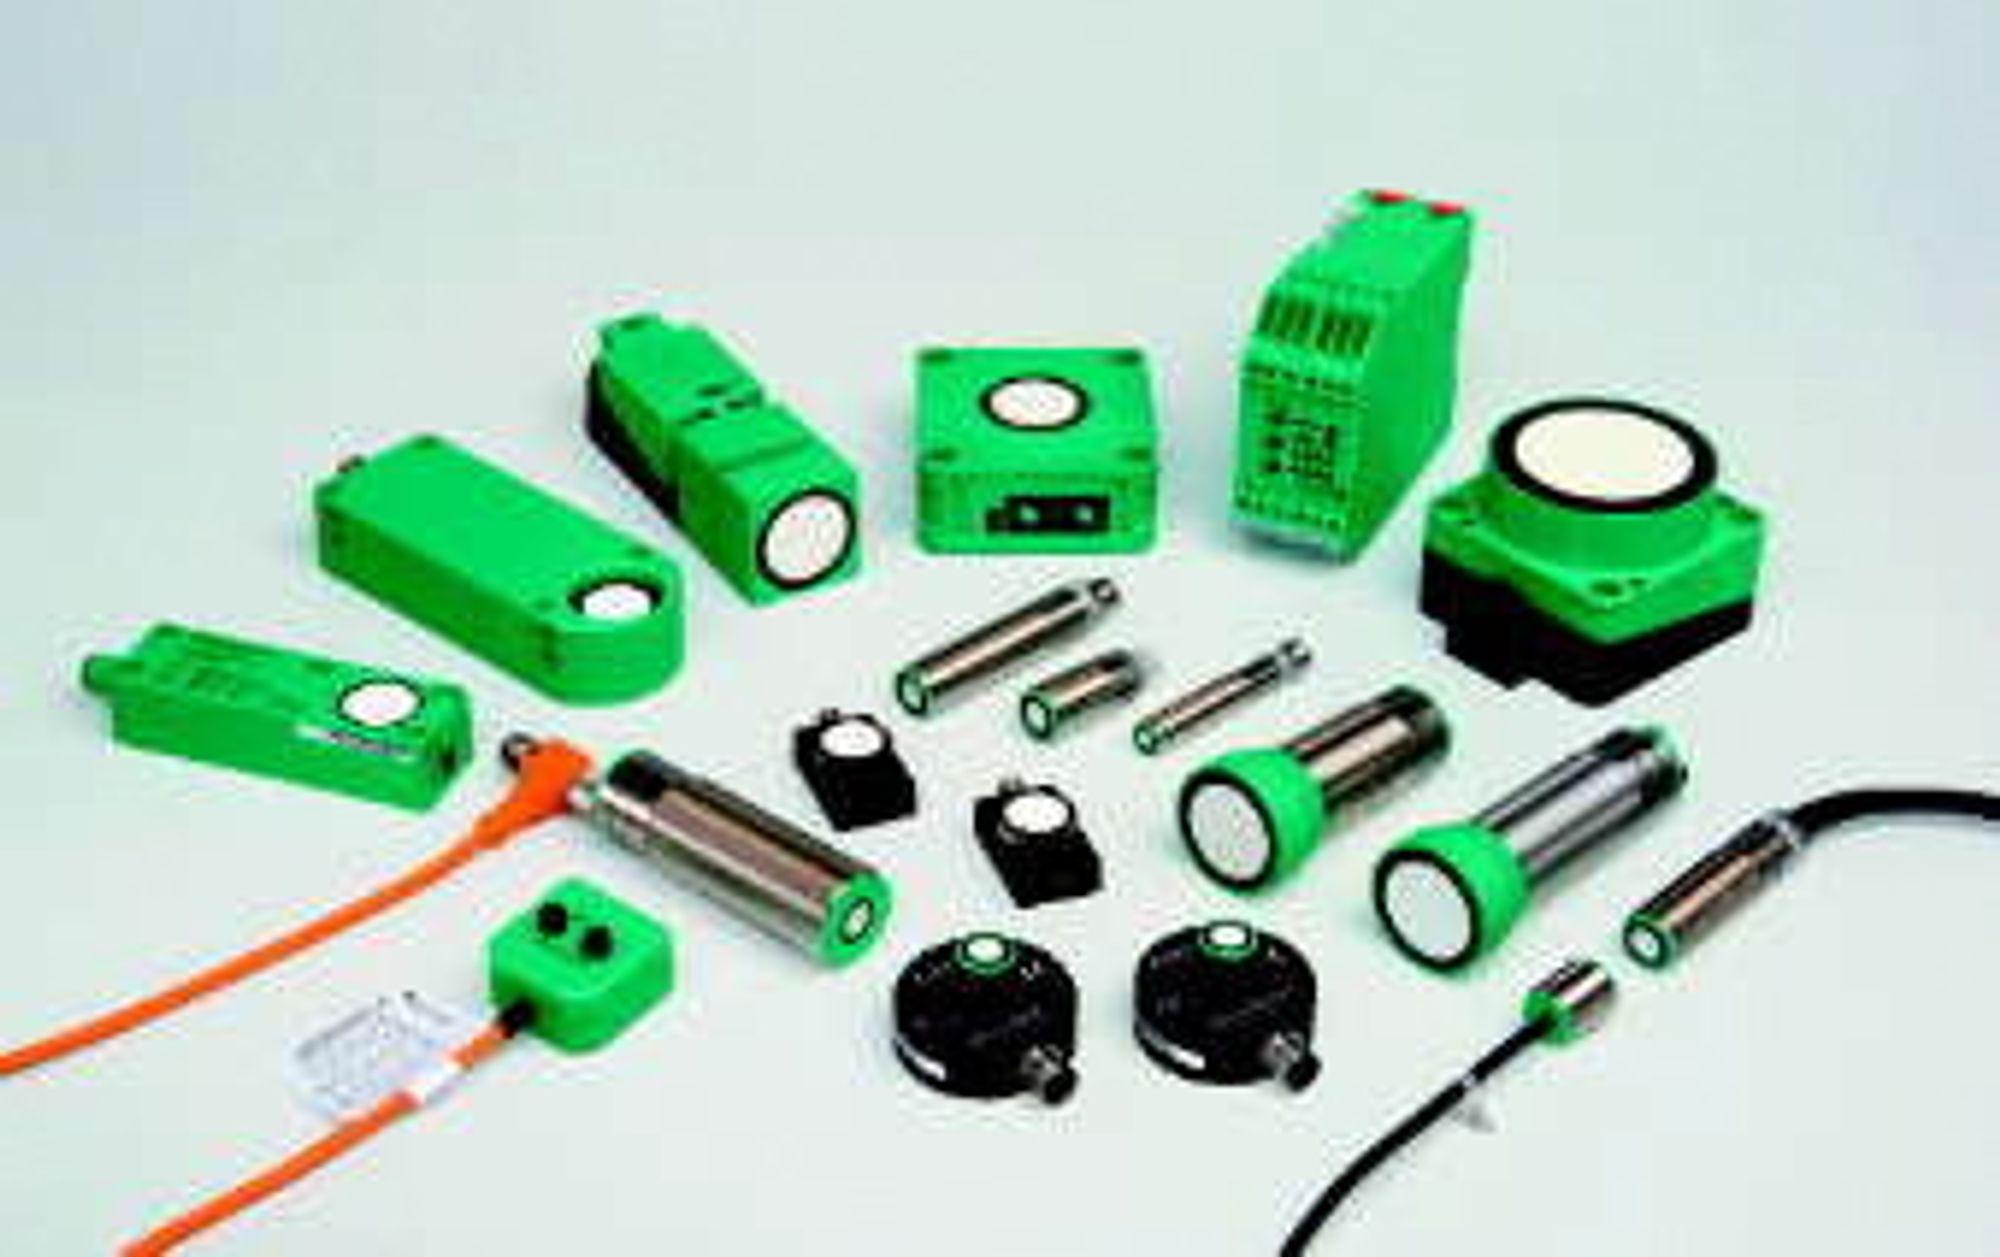 Ultralyd sensorer/givere finnes i en rekke ulike utførelser.